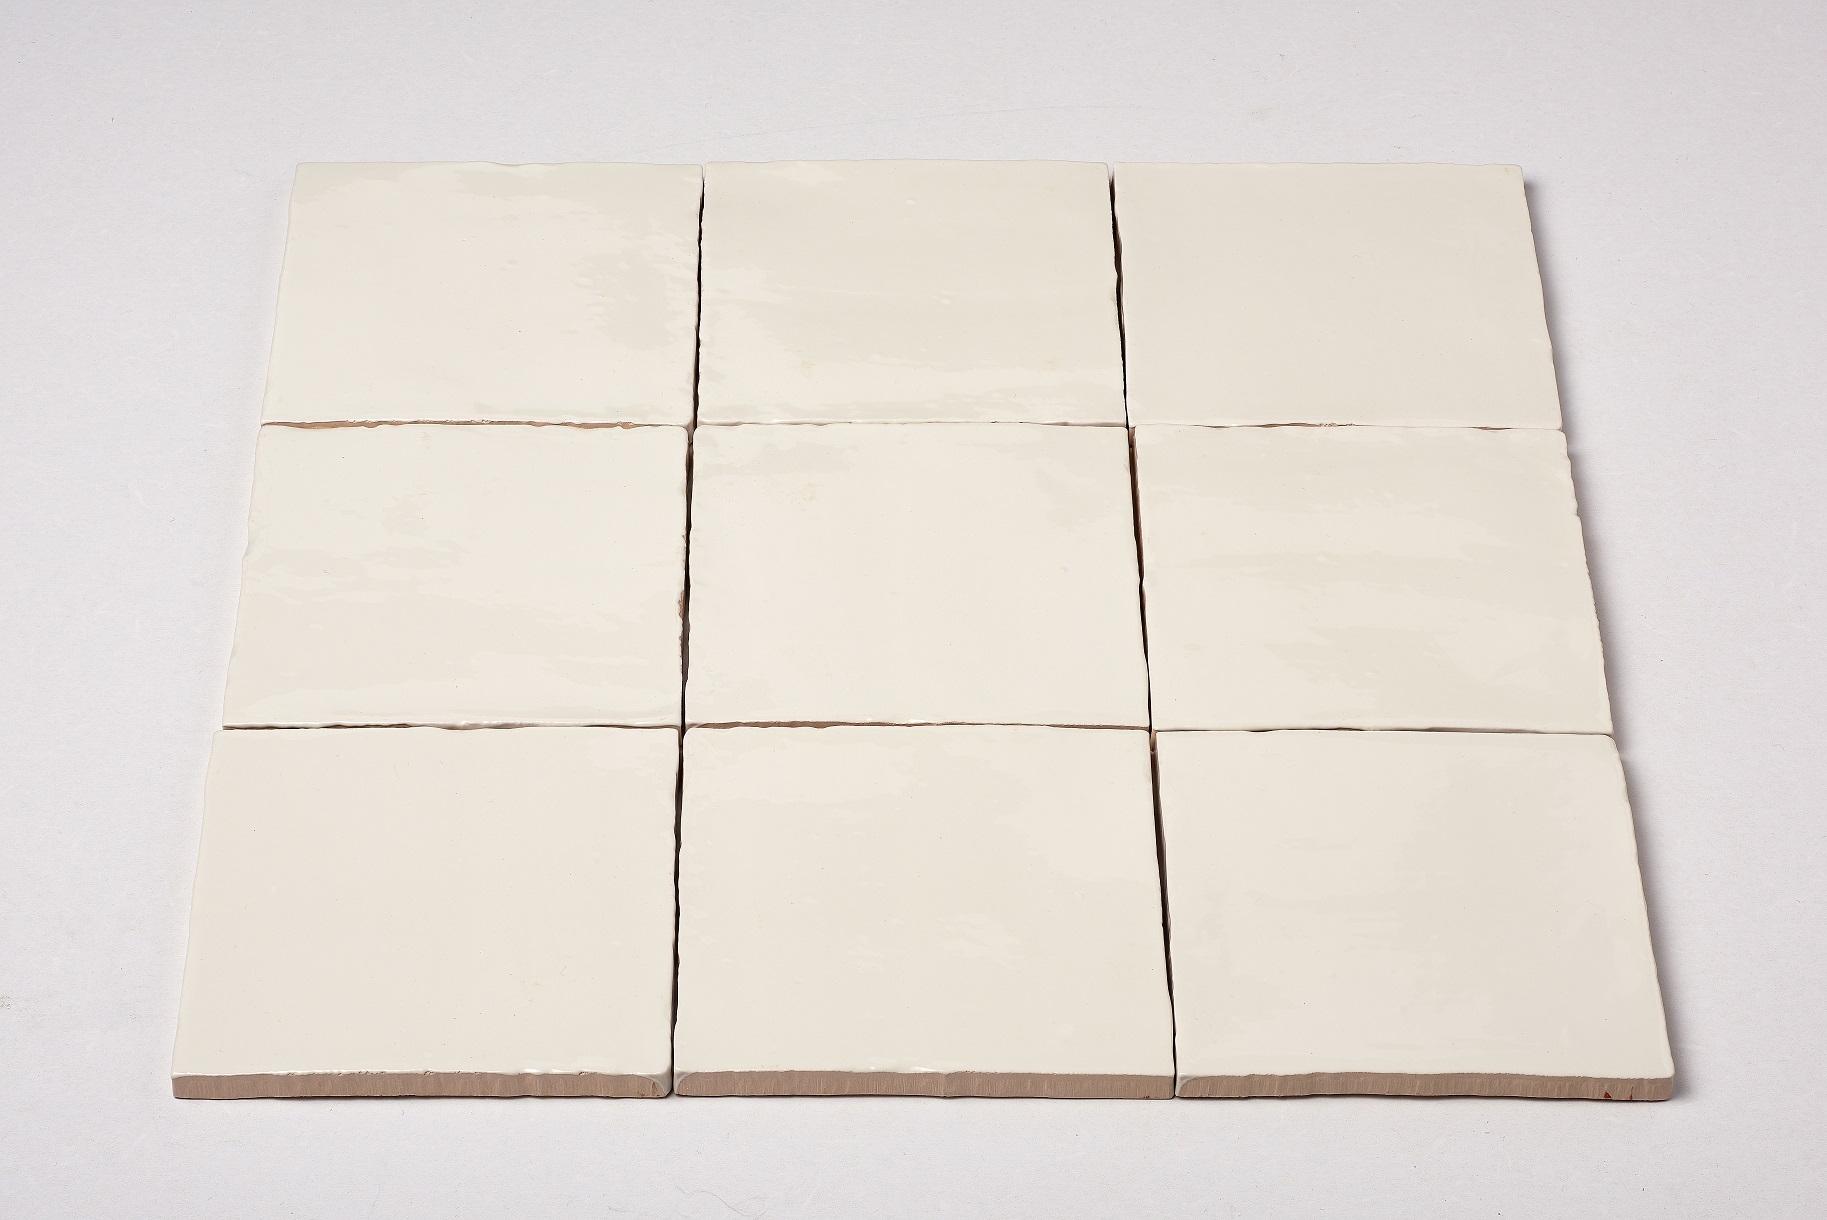 DTG Oud Hollands mozaïek wandtegel 13×13 ivoor Tegels | Mozaïeken | Standaard mozaiek kopen? Lees eerst hier en profiteer van extra voordeel